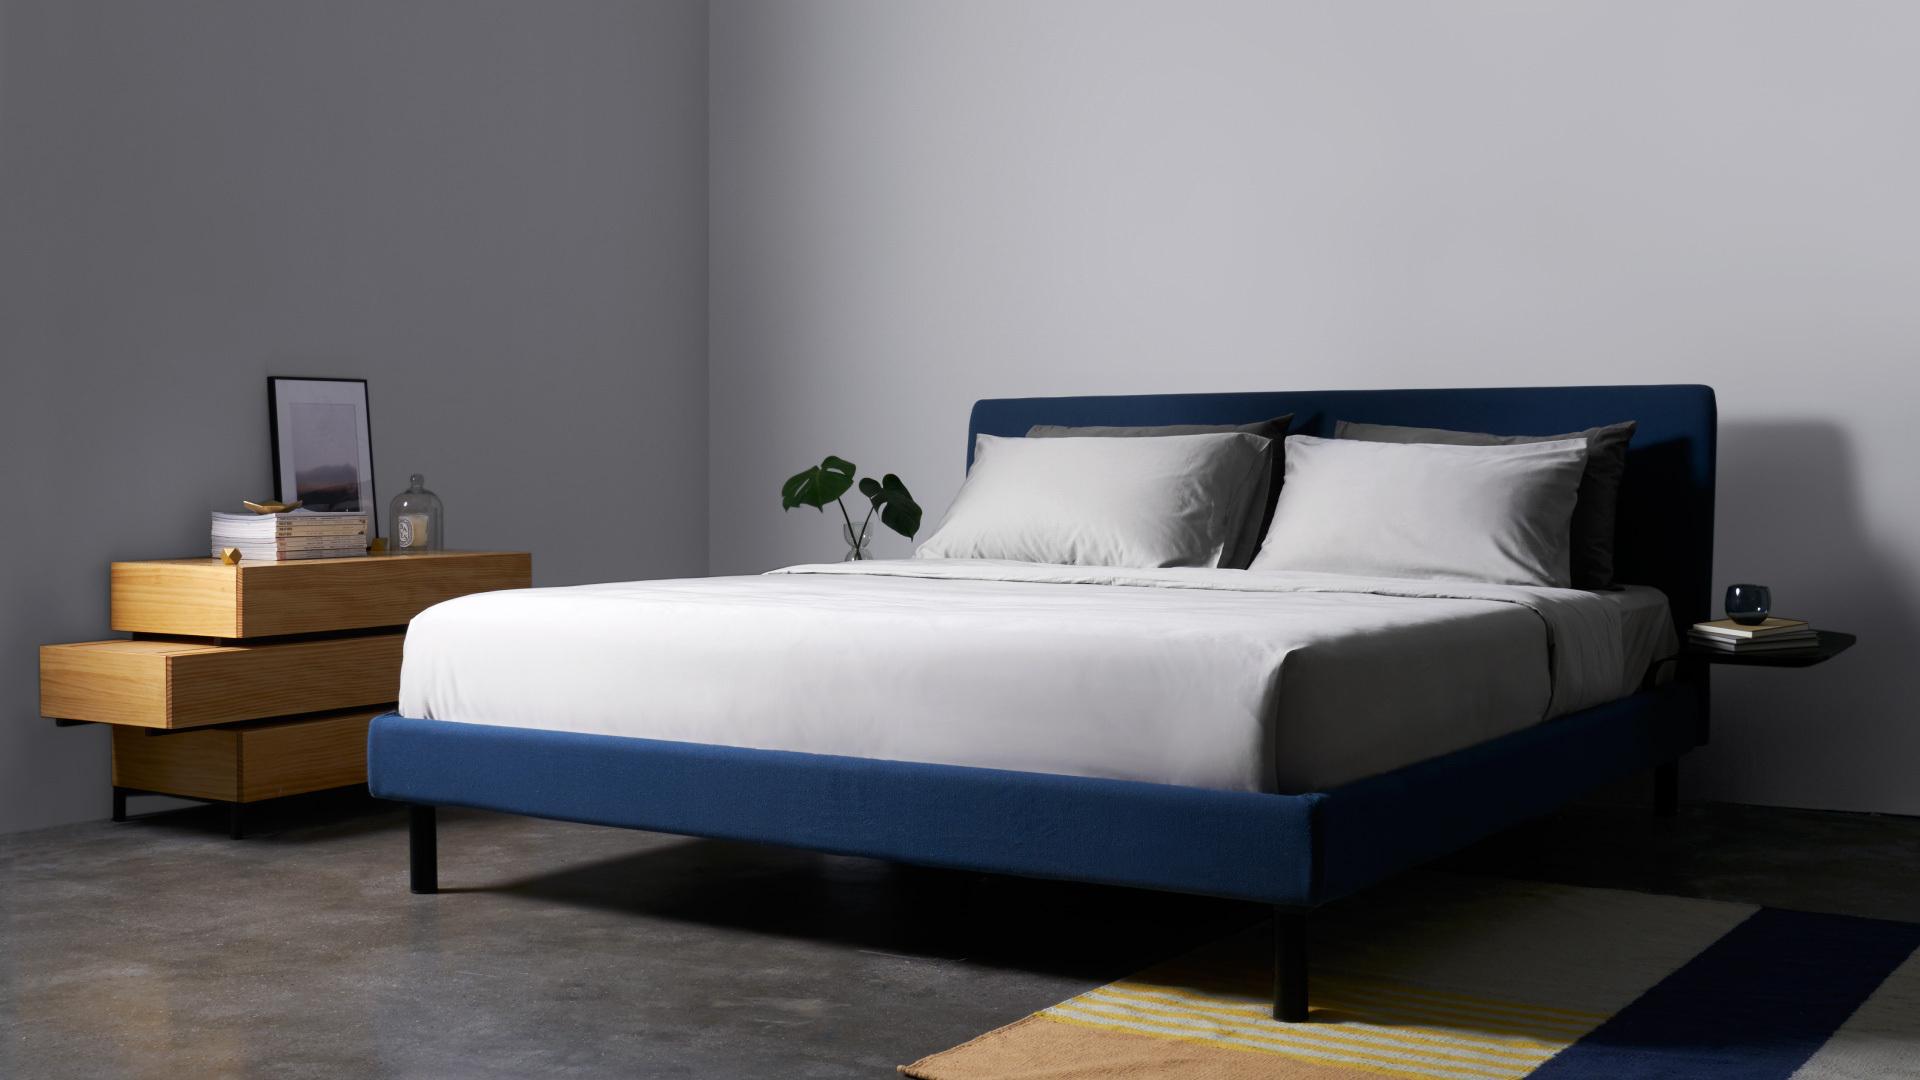 用沉稳雾蓝作为卧室的色调,搭配木色流方柜,视觉上静谧温婉,转瞬间扫除了一天在外奔波的喧嚣烦扰,享受睡眠的安逸温暖。